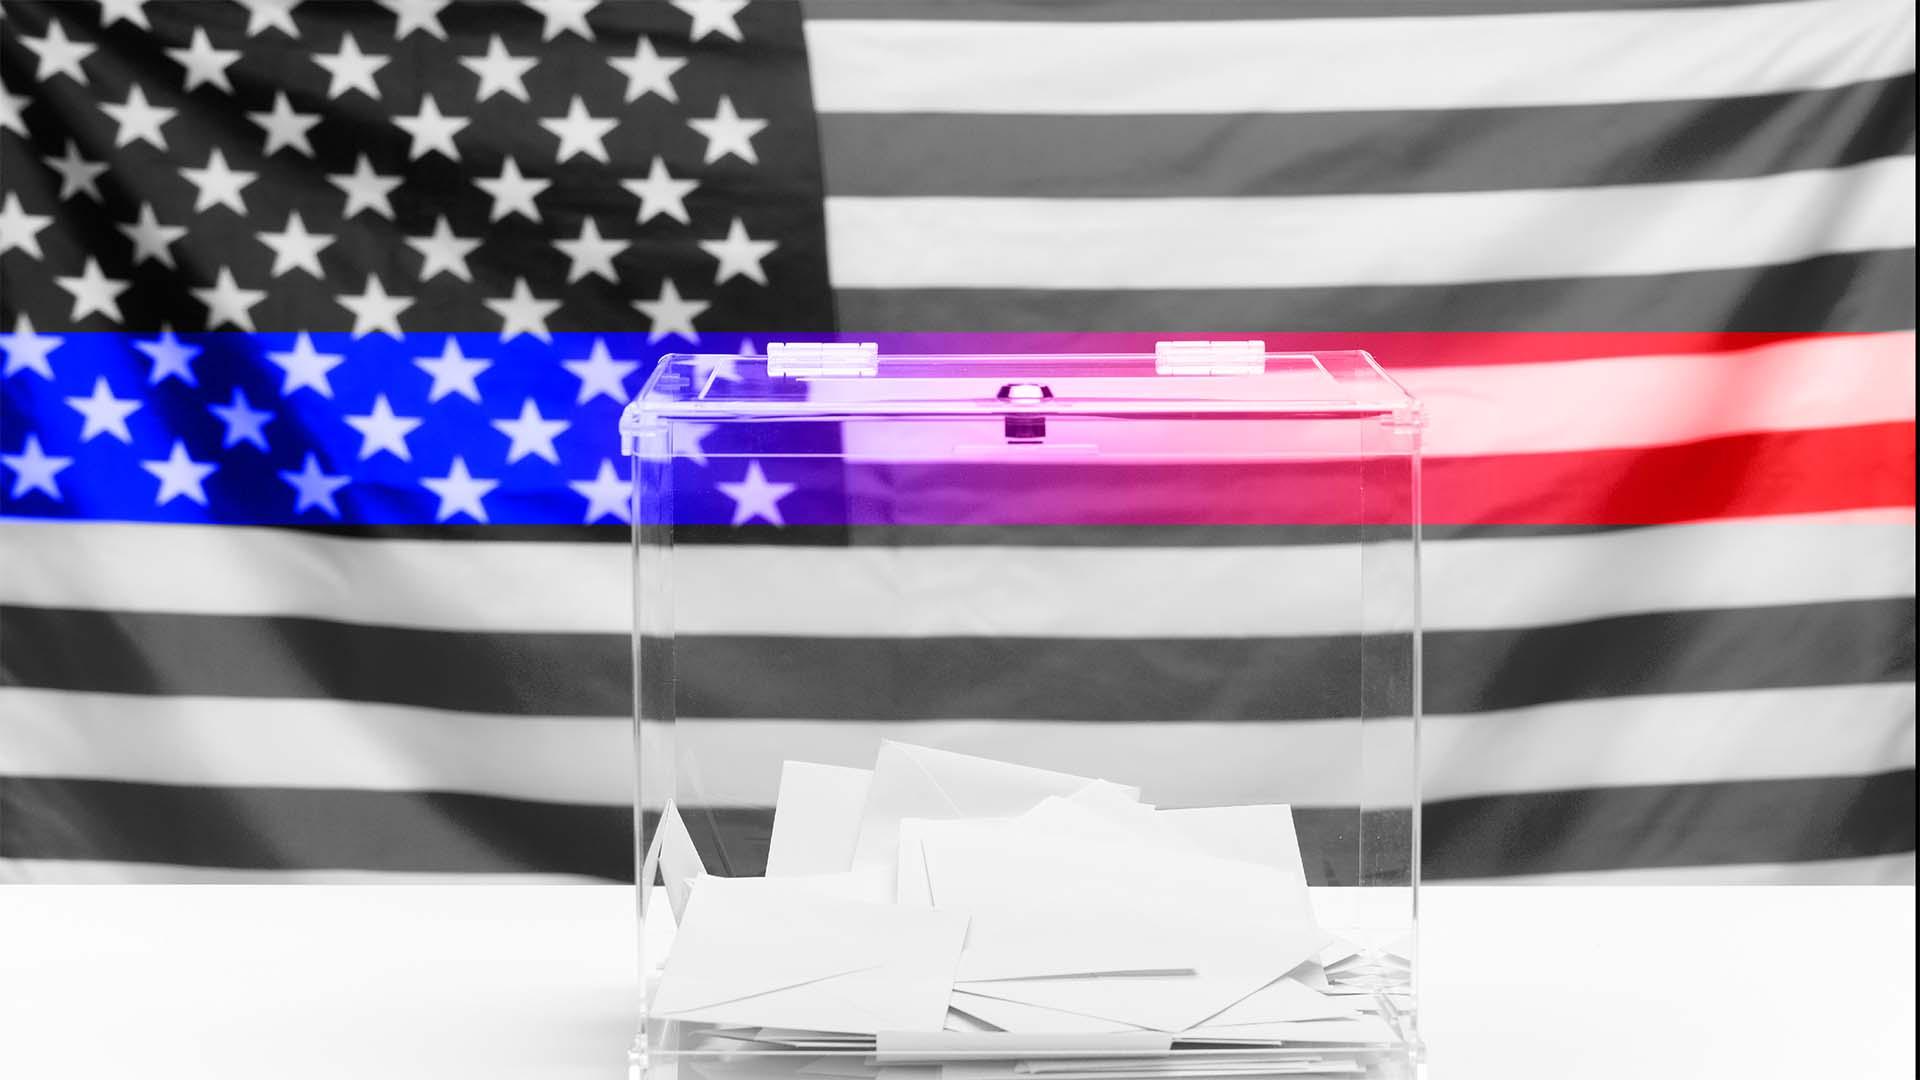 La histórica elección en EUA, por Vicente Emilio Vallenilla*